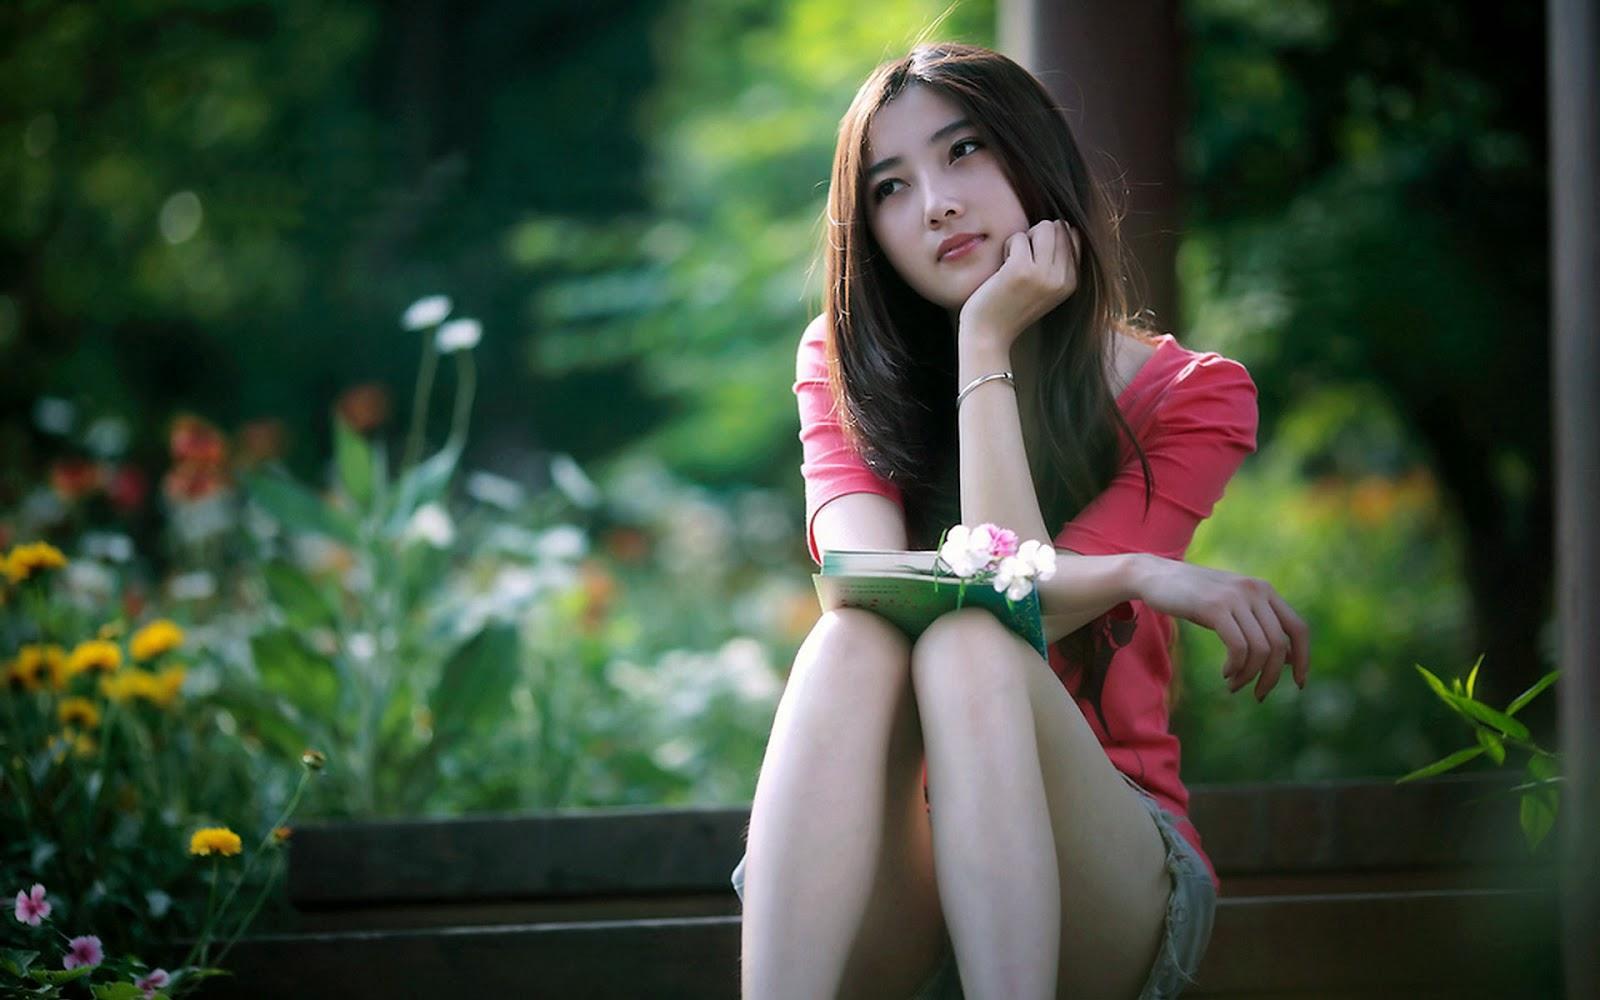 Gửi những người phụ nữ còn đang loay hoay trong khổ đau: Cuộc đời ngắn, đừng nghĩ dài! - Ảnh 2